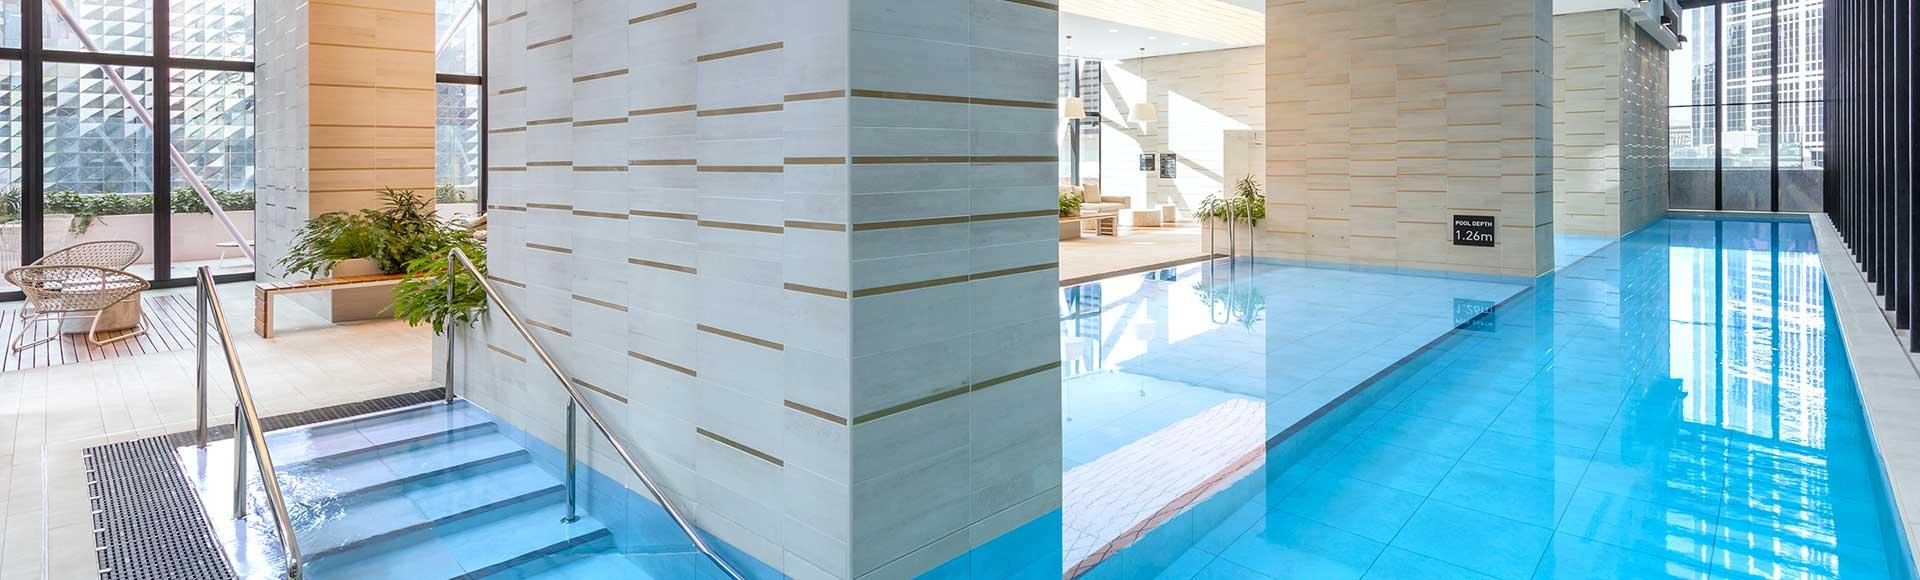 Avani Central Melbourne Pool